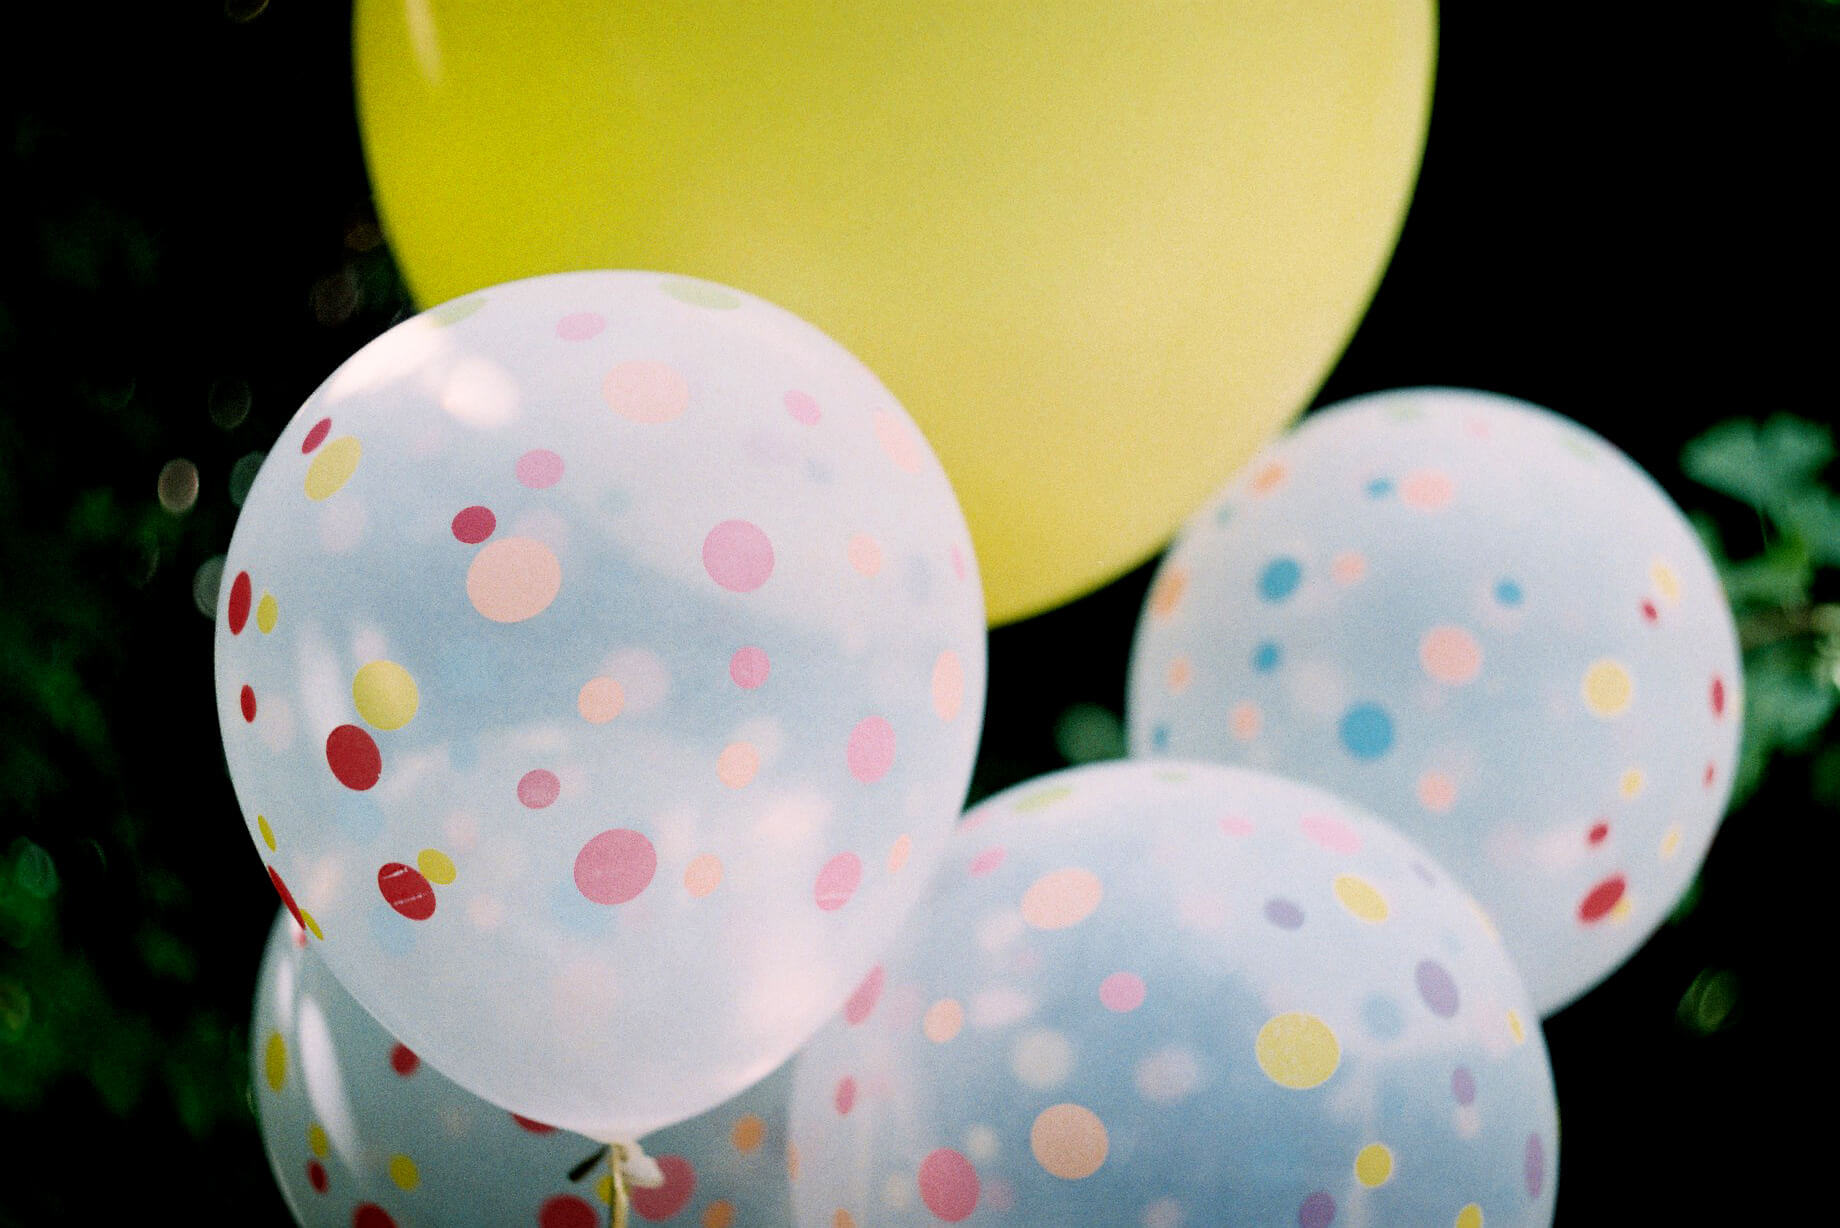 Festa de Aniversário da Ritinha